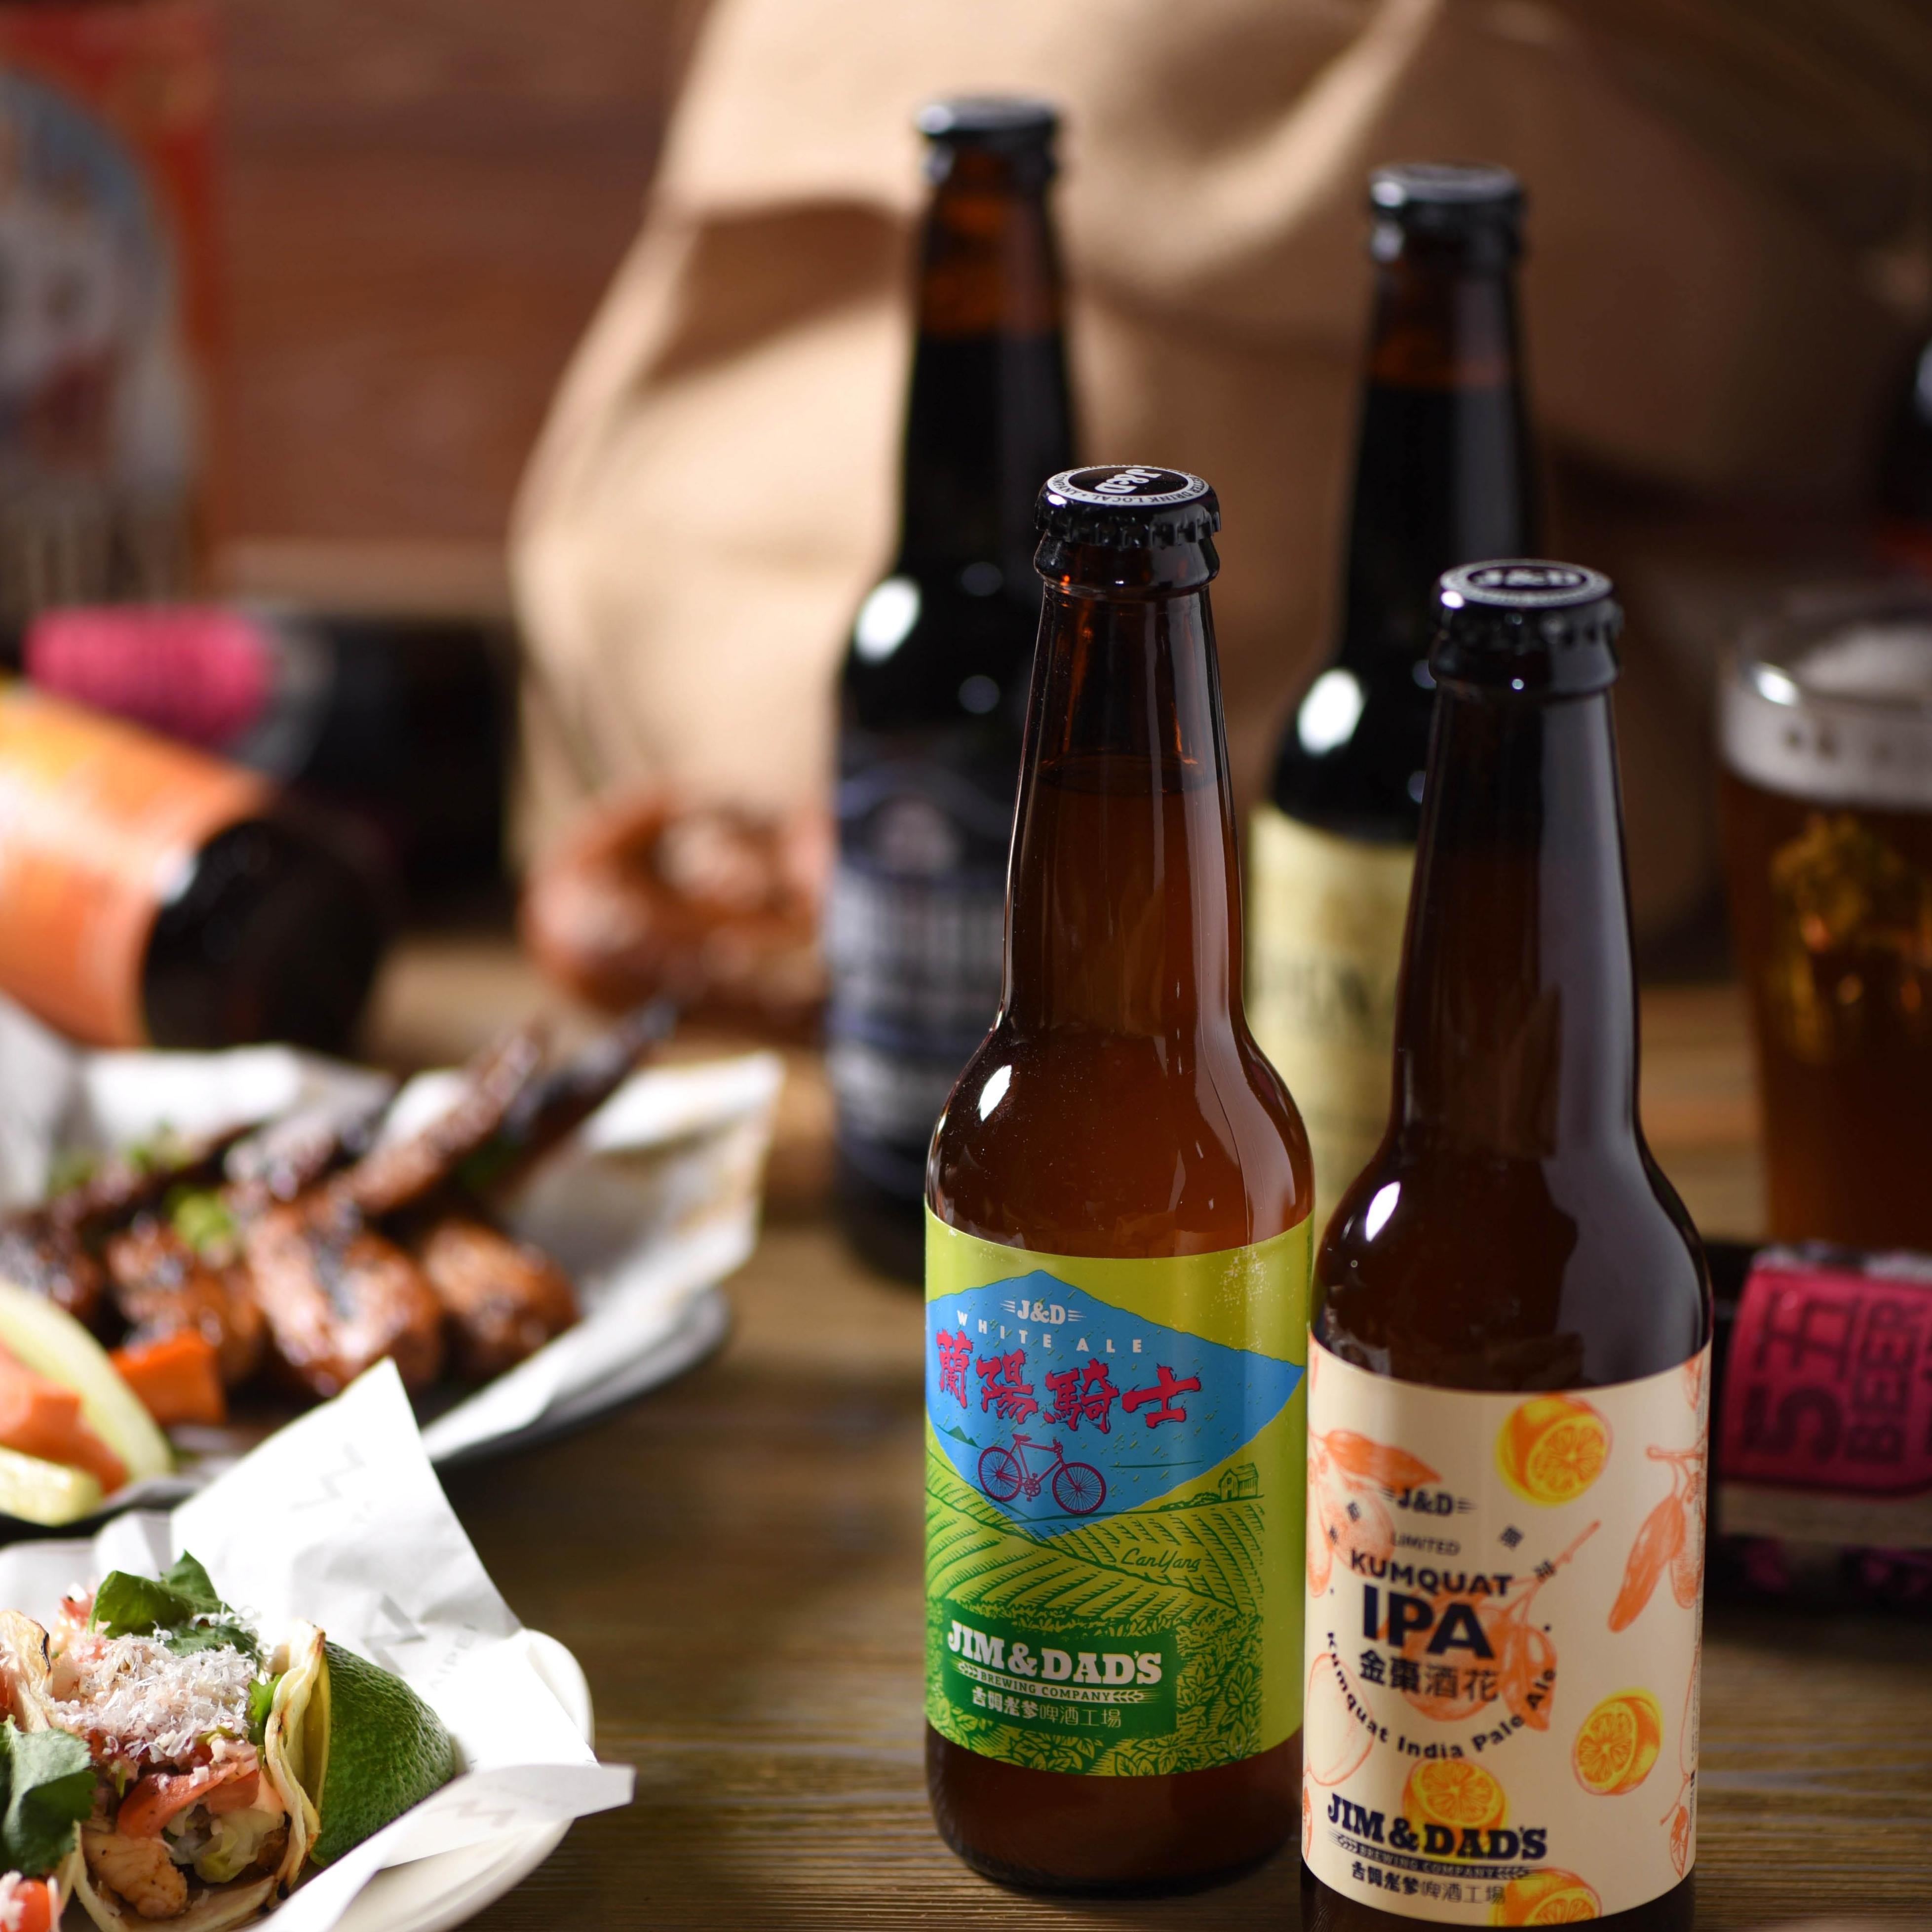 不用飛出國就能體驗海外啤酒市集!台北 W 飯店攜手精釀啤酒品牌舉辦「SUCH A BEER 啤客市集」